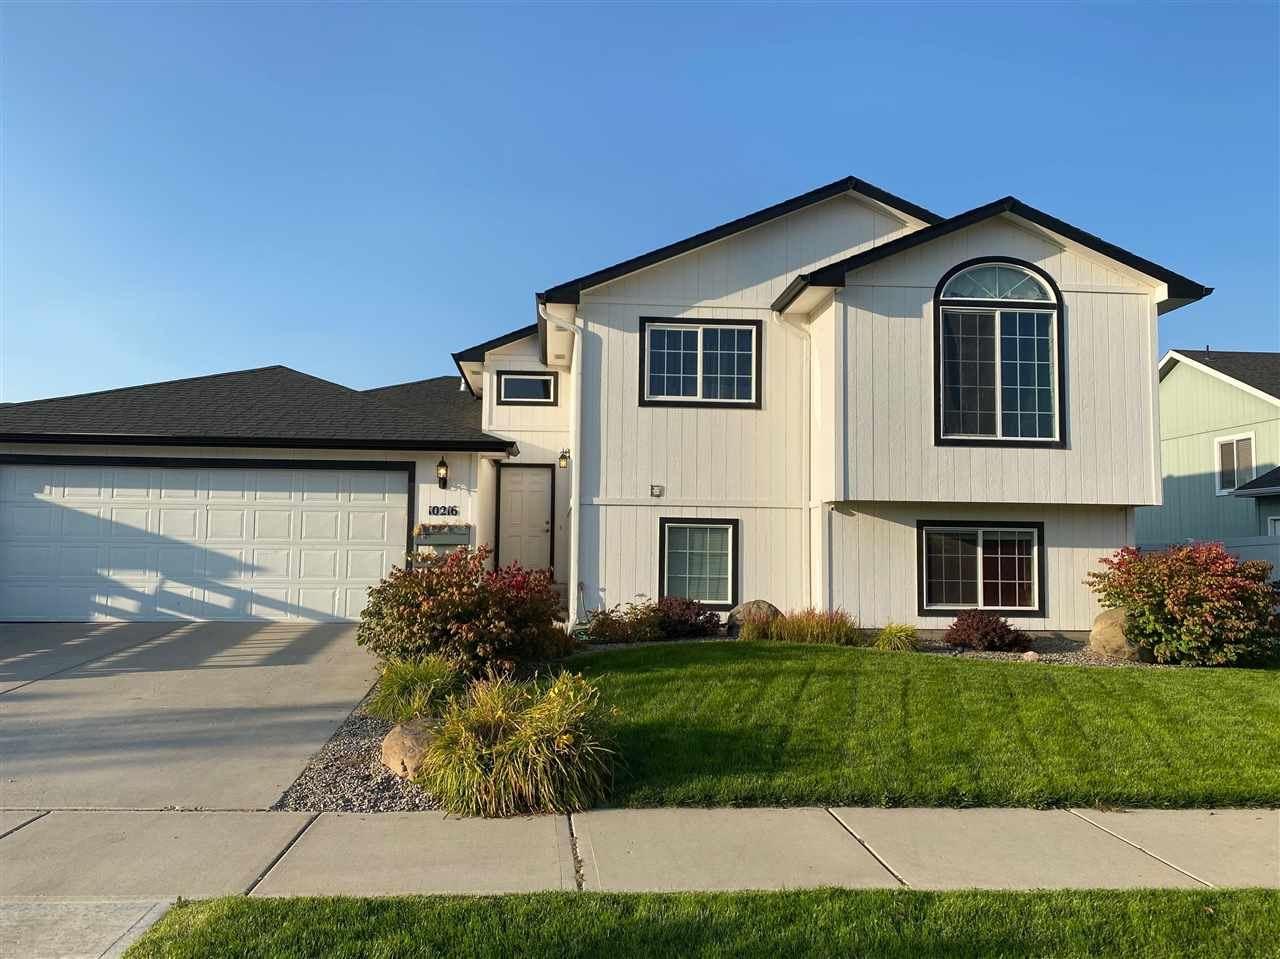 10216 W 10th Ave, Spokane, WA 99224 - #: 202025185